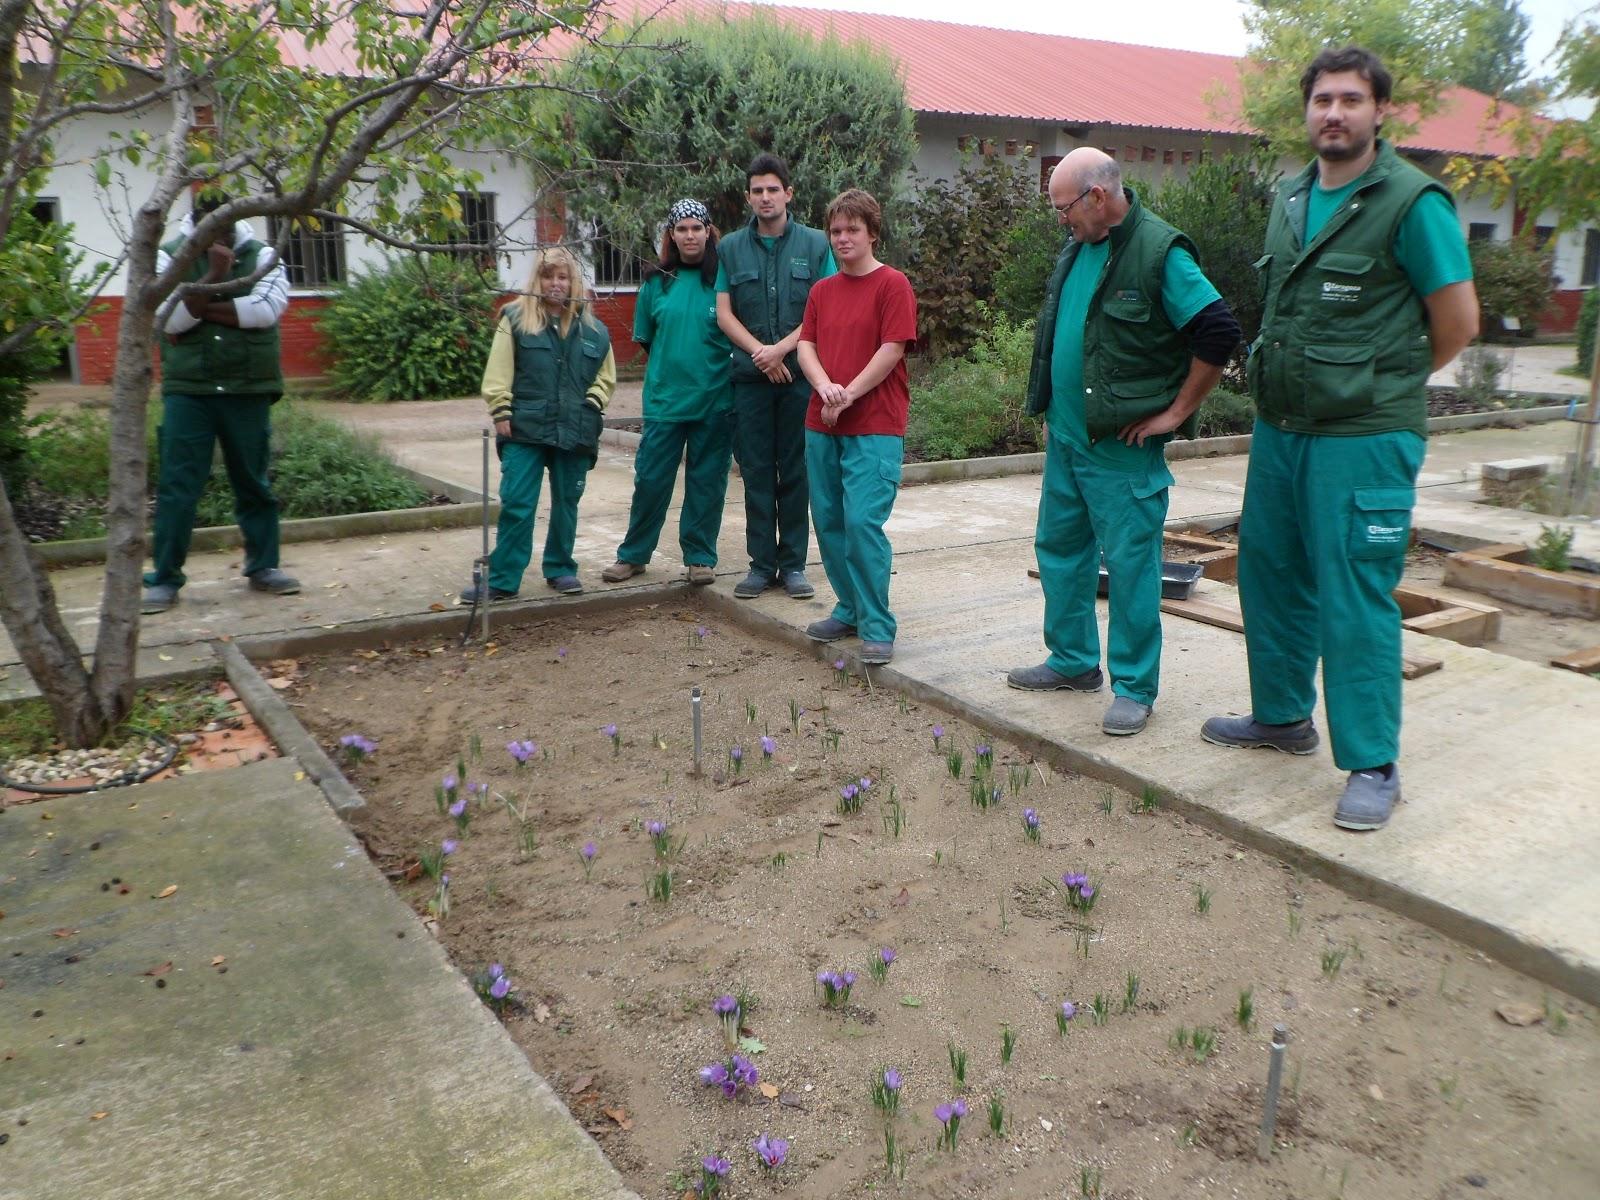 Escuela municipal de jardiner a el pinar octubre 2012 for Escuela de jardineria